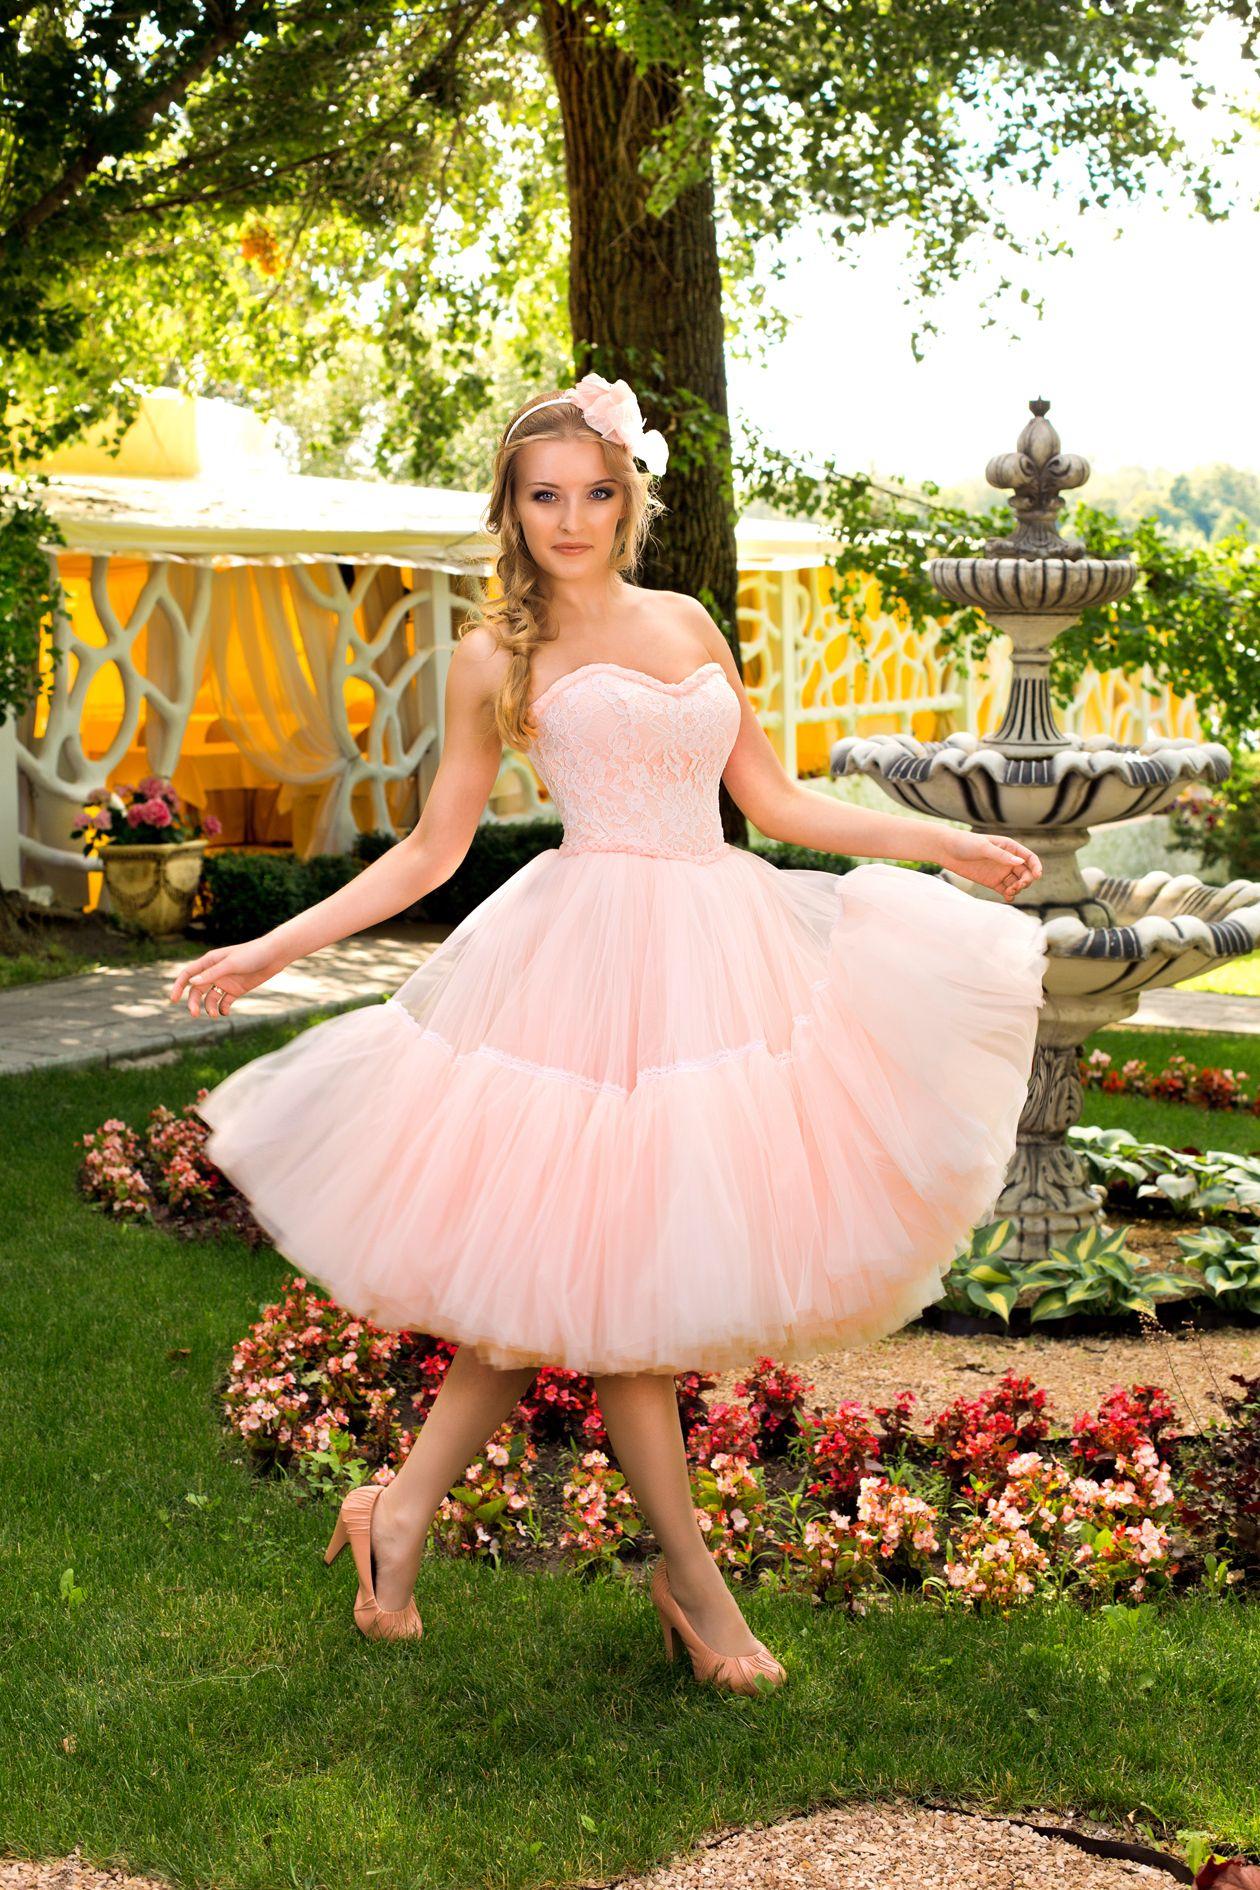 платье для садеьбы весной